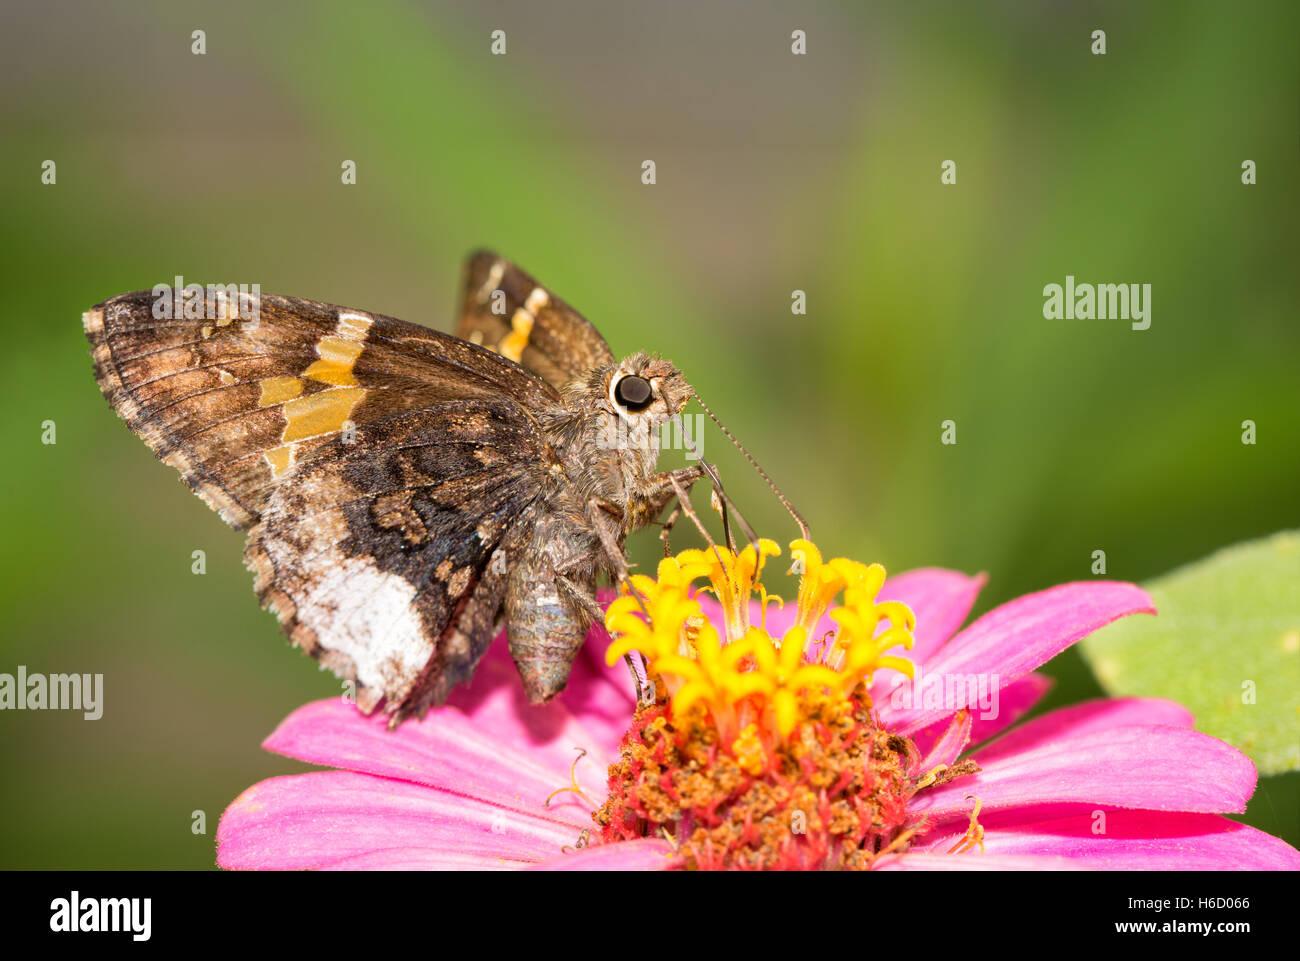 Achalarus lyciades, Borde canosos mariposa sobre una rosa Zinnia Foto de stock